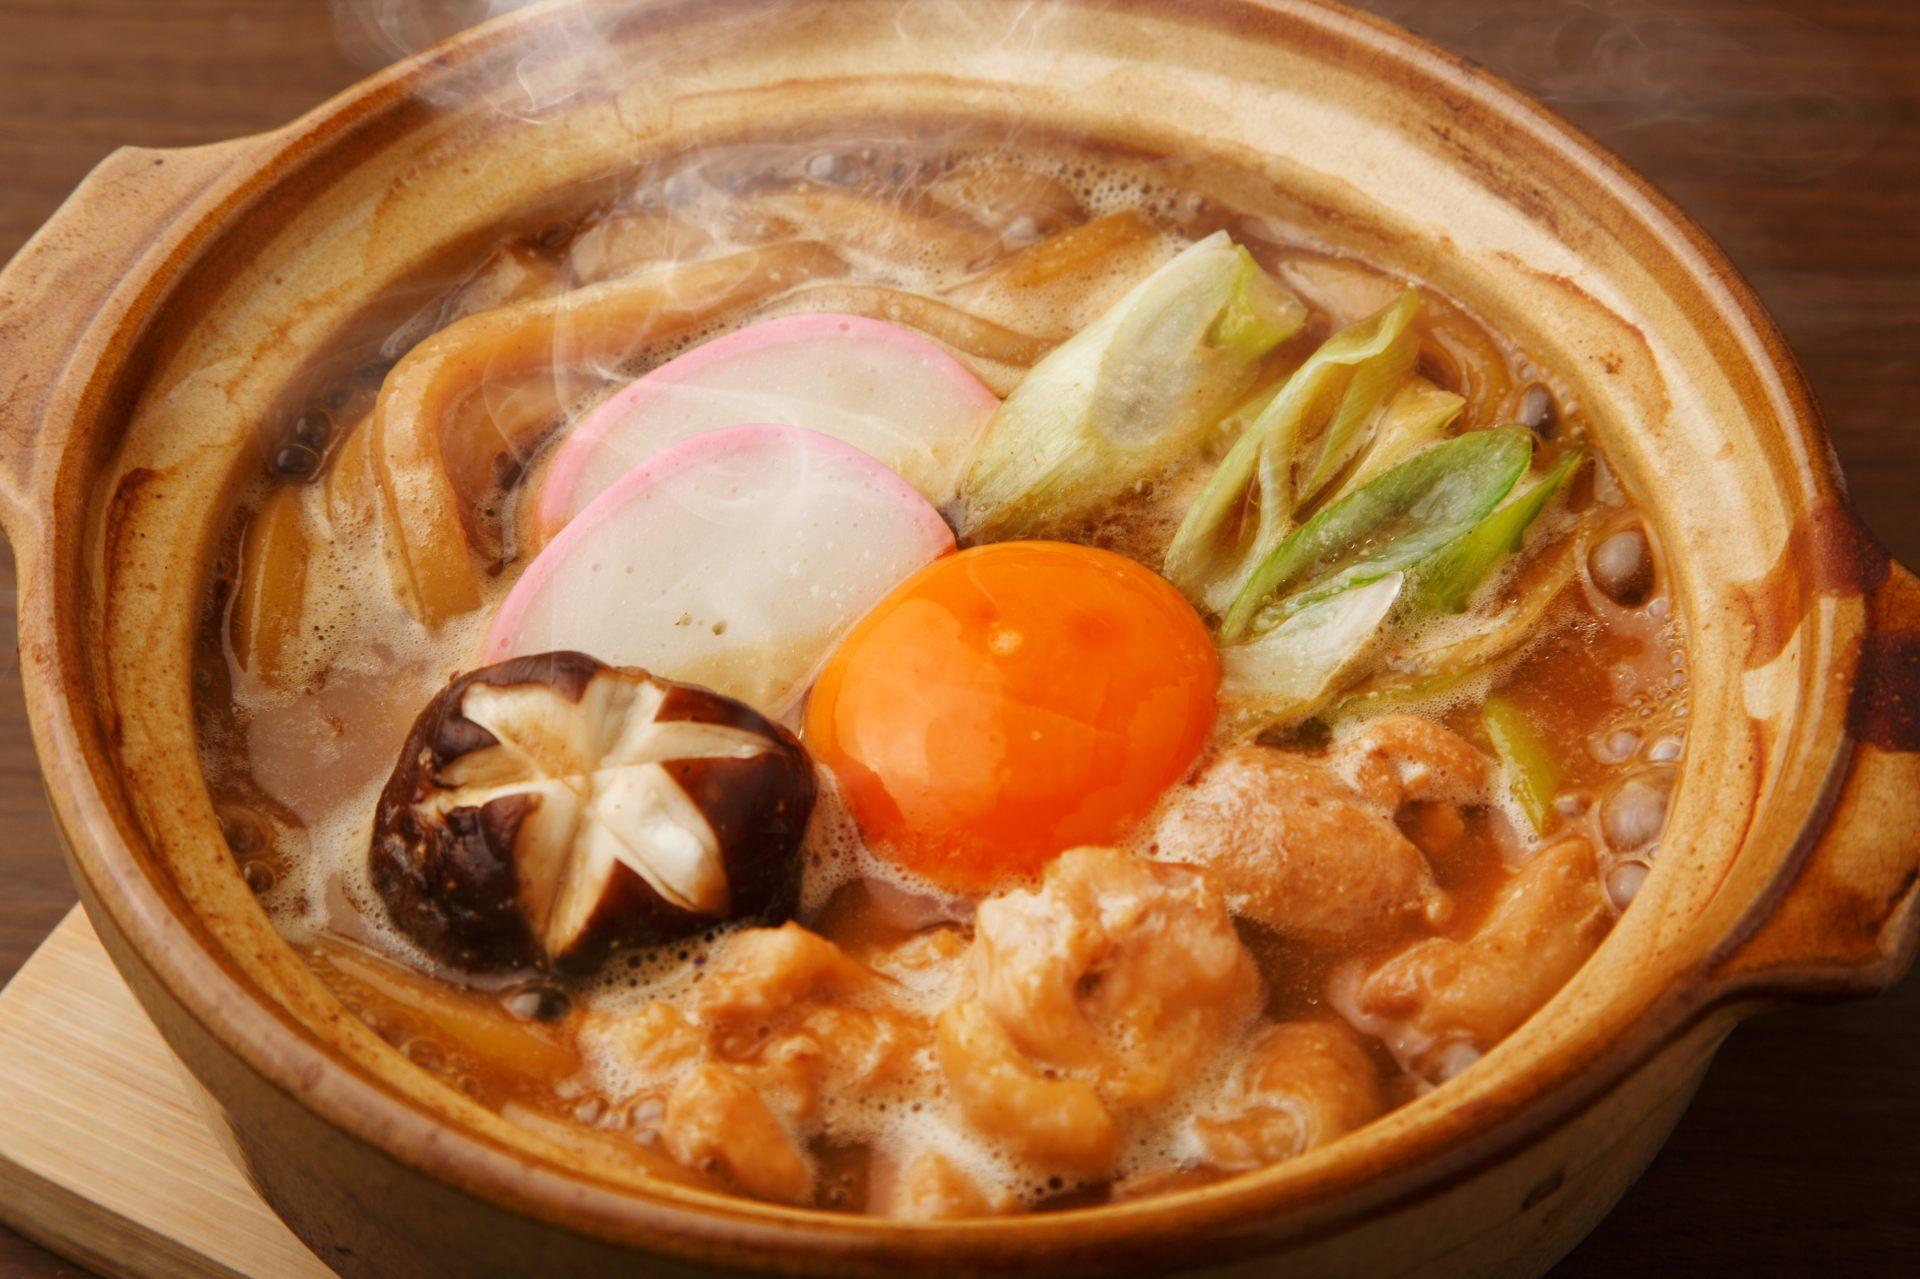 用味噌為基底的湯燉煮又較又粗麵條,就是味噌煮烏龍麵